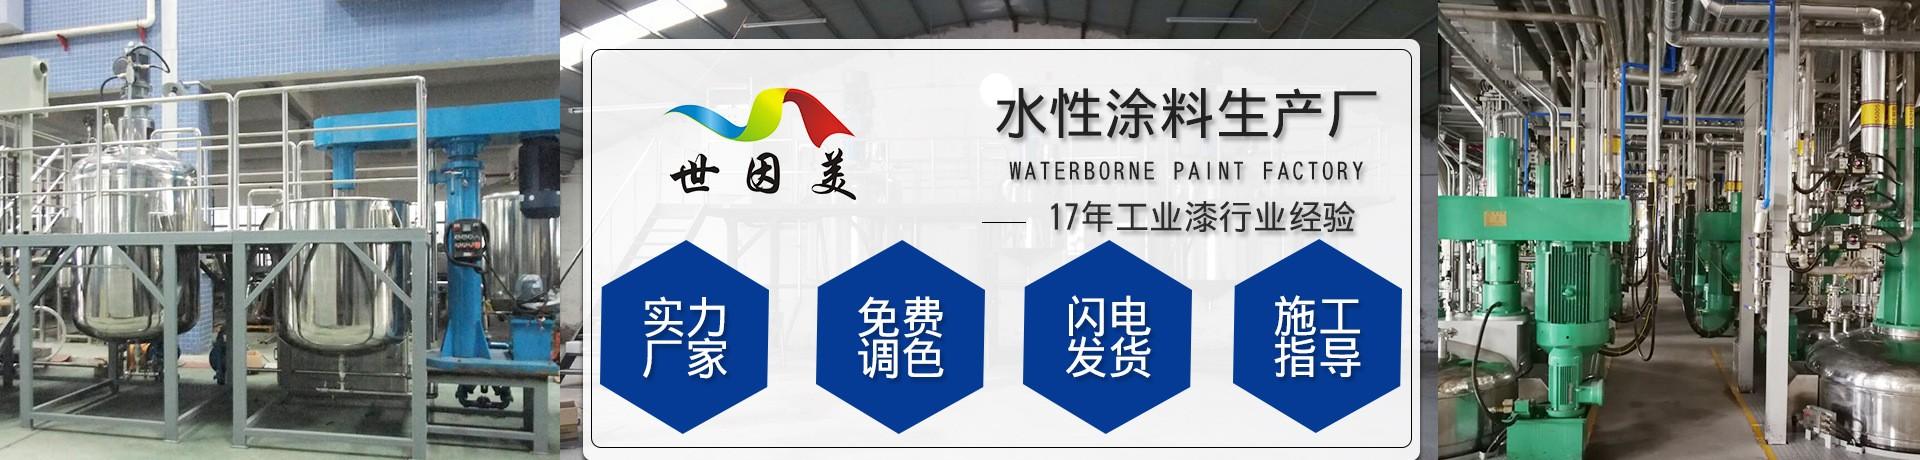 深圳市世特美新型材料有限公司